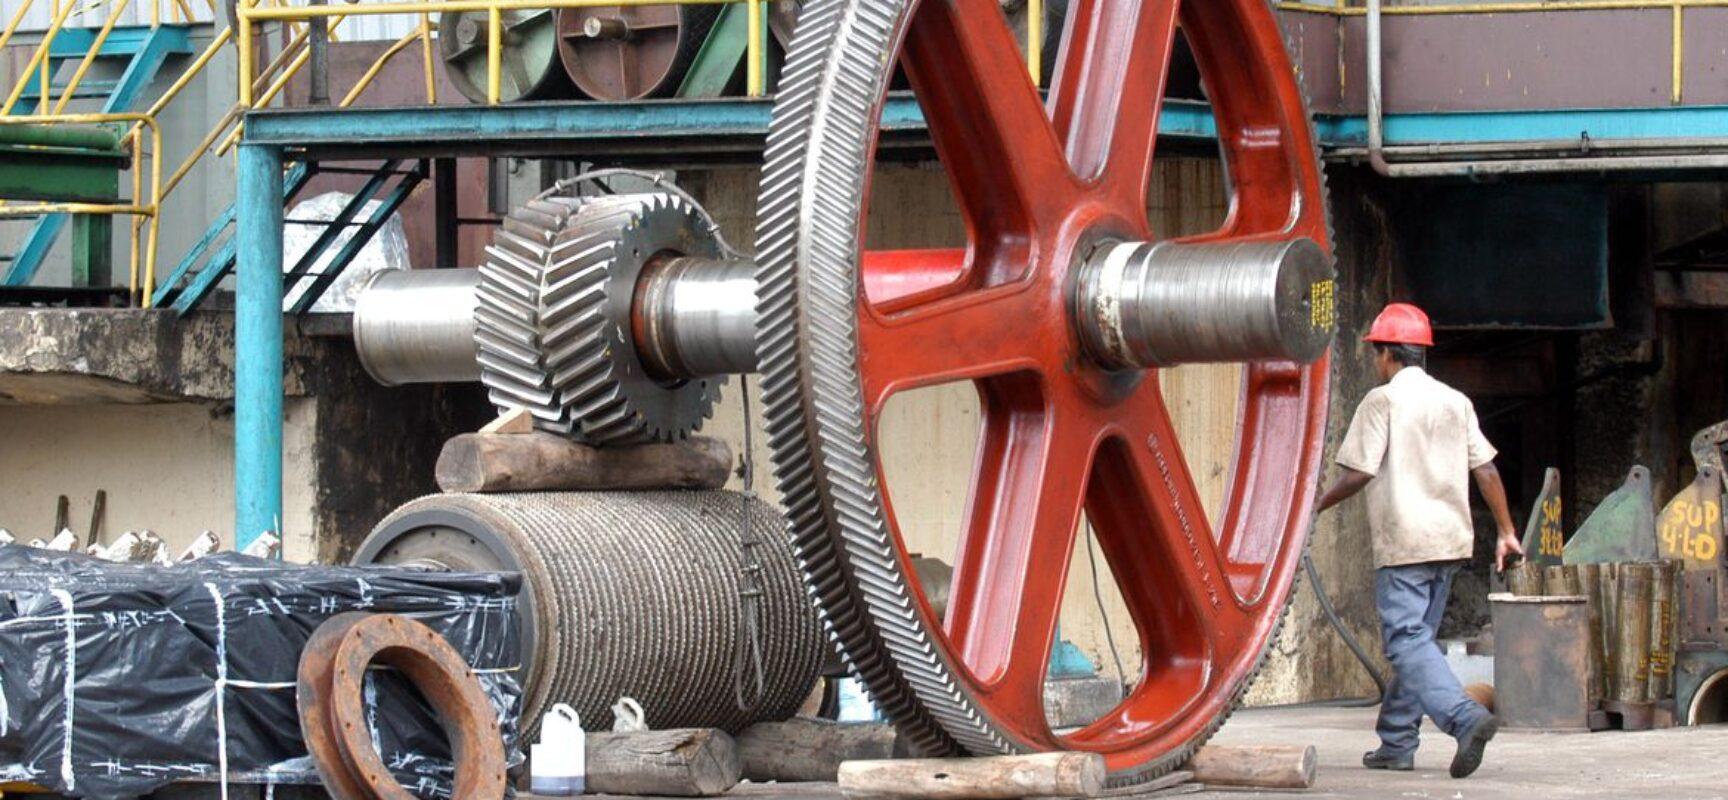 Confiança da indústria sobe em maio, diz FGV